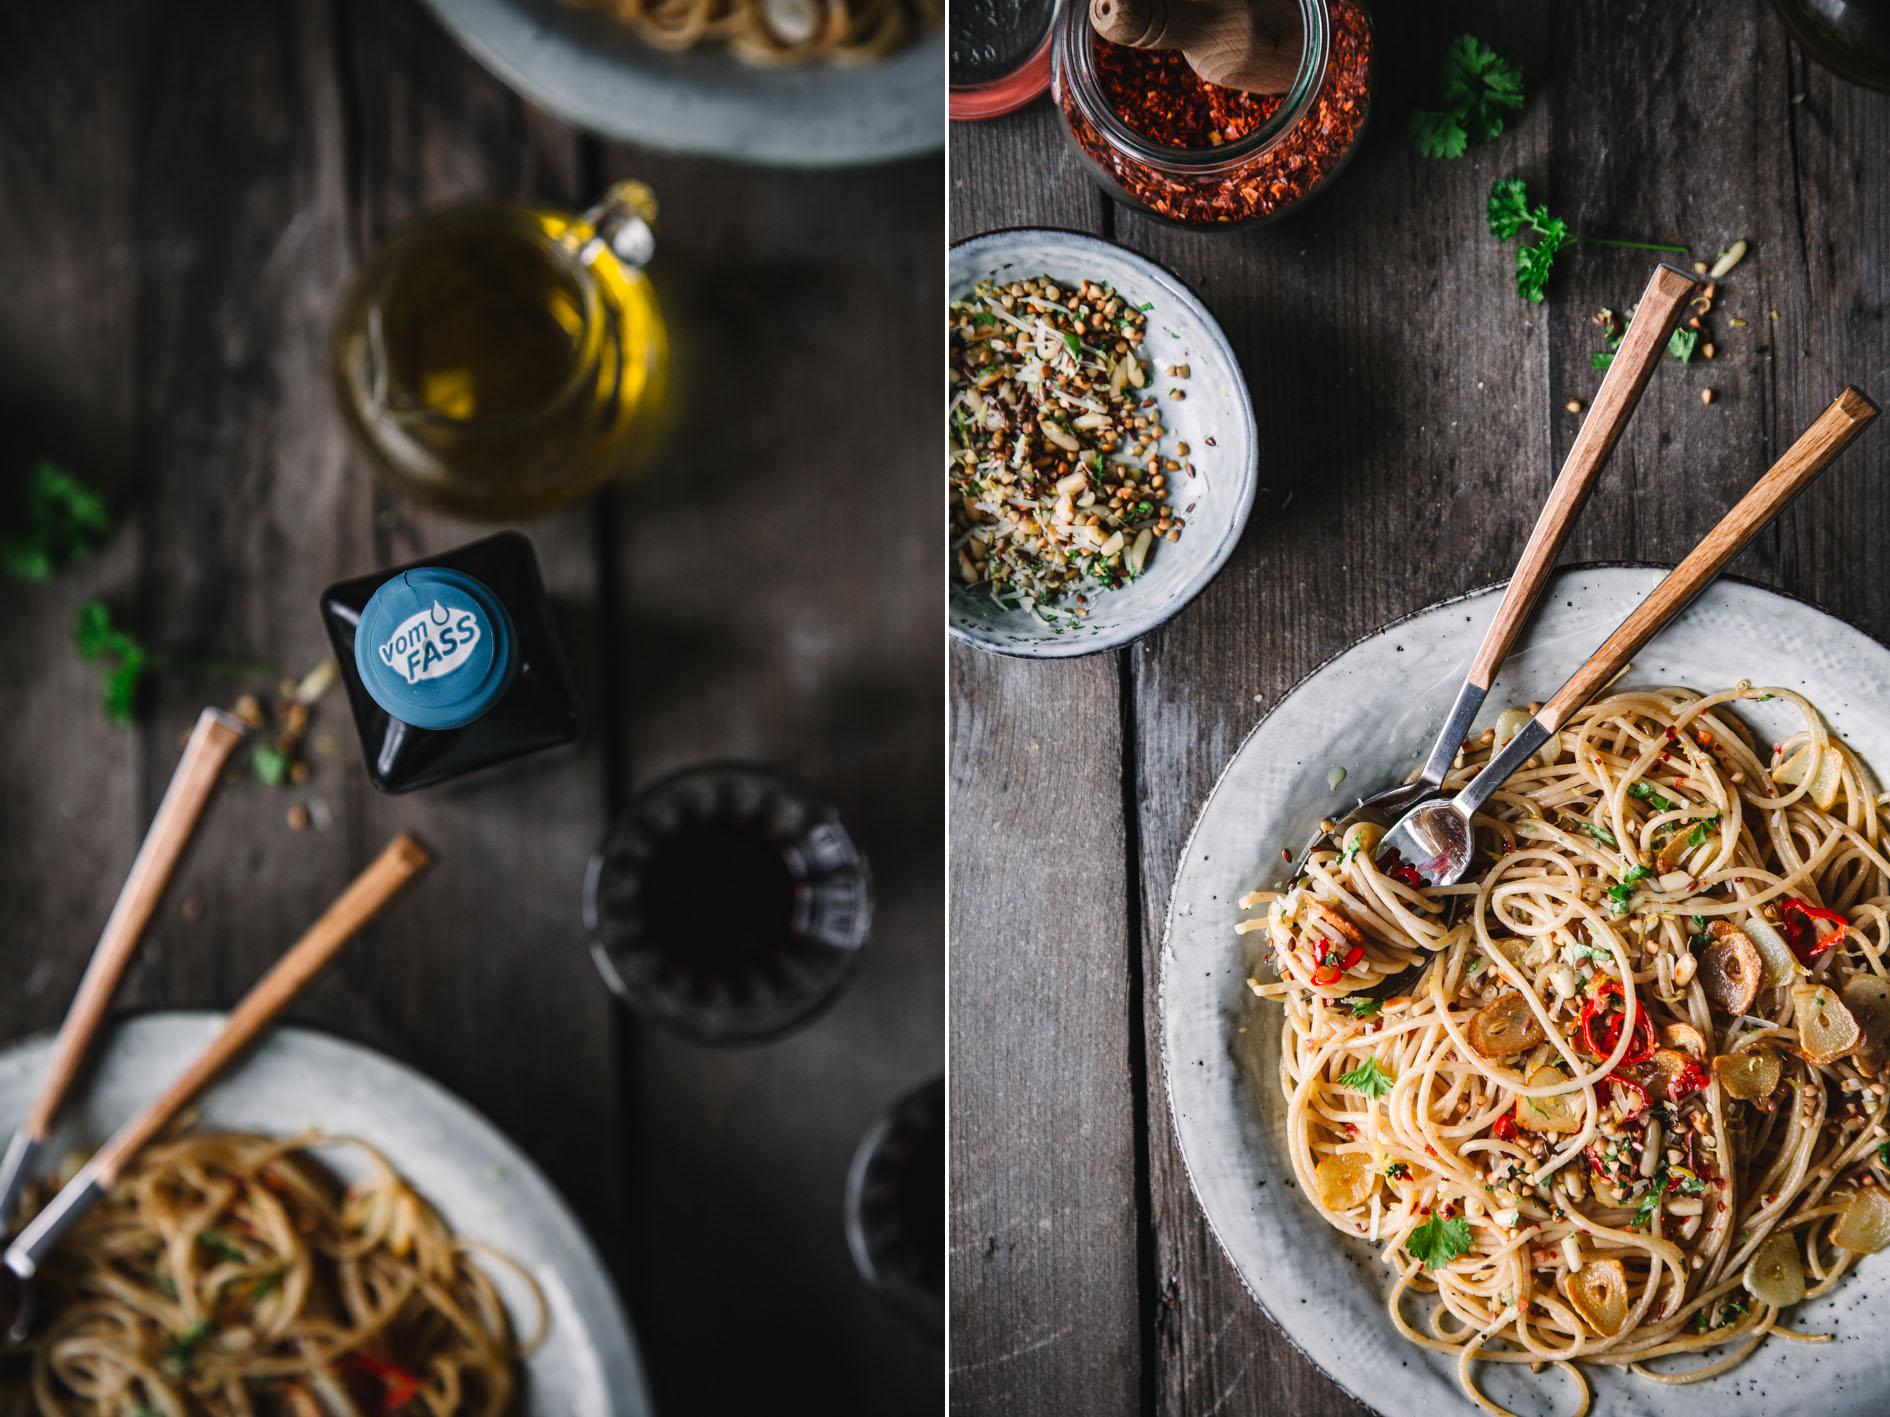 Spaghetti Alio Olio mit gesundem Öl